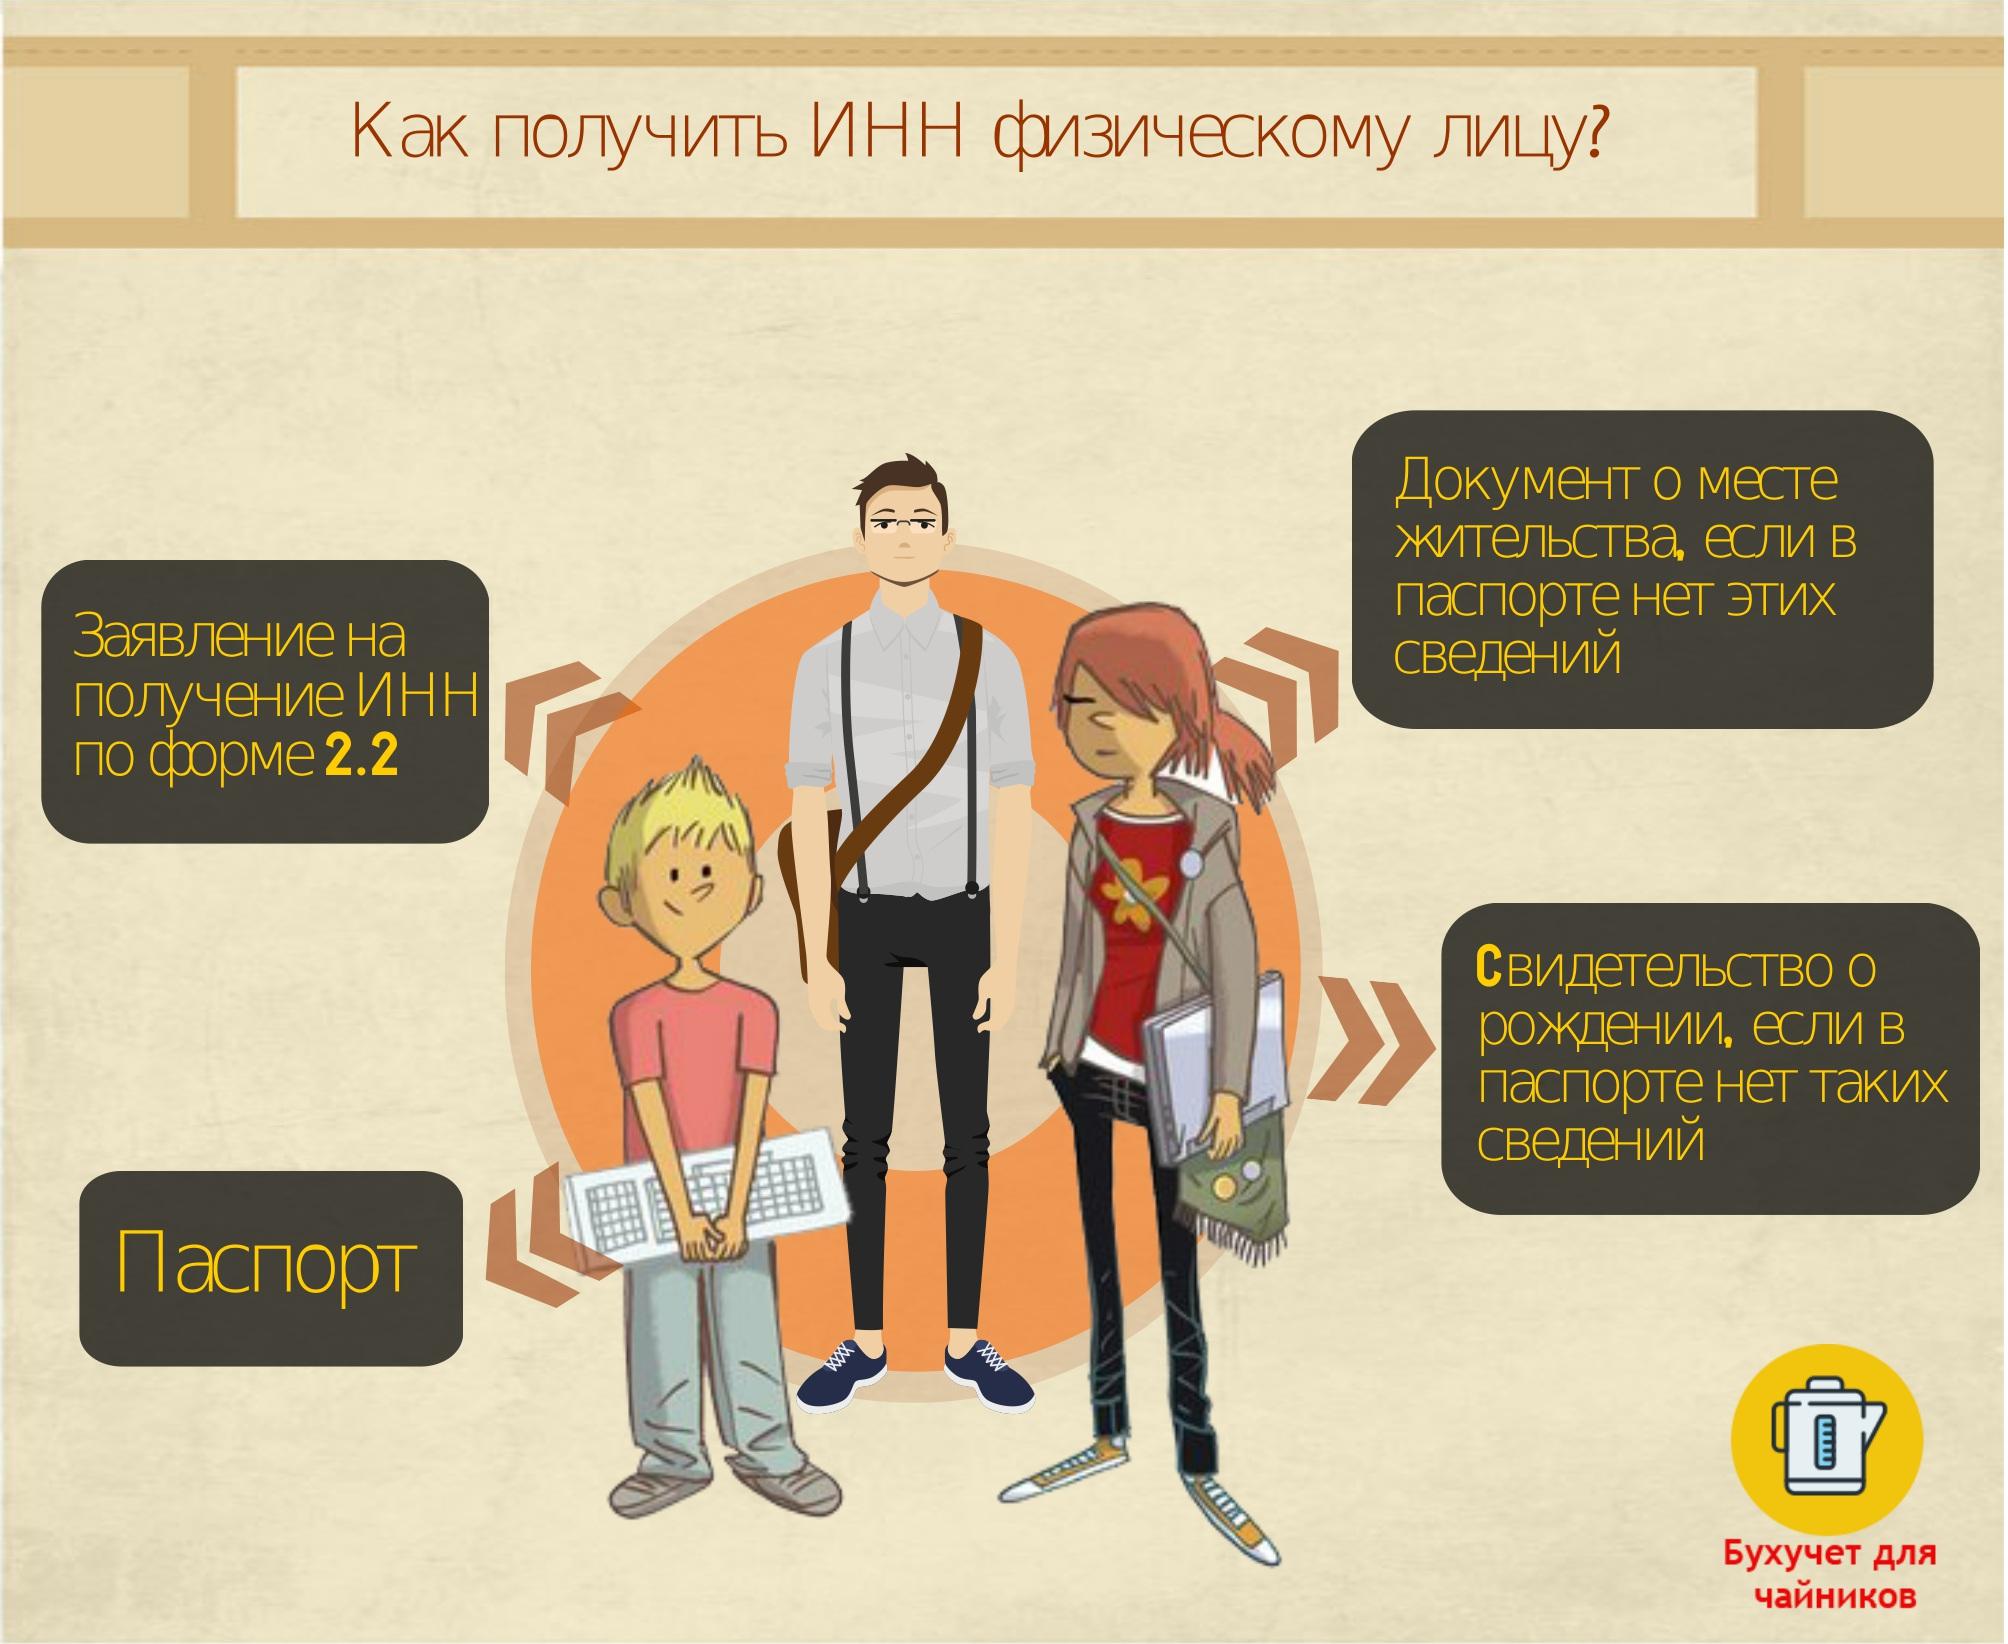 Как получить ИНН физическому лицу (инфографика)